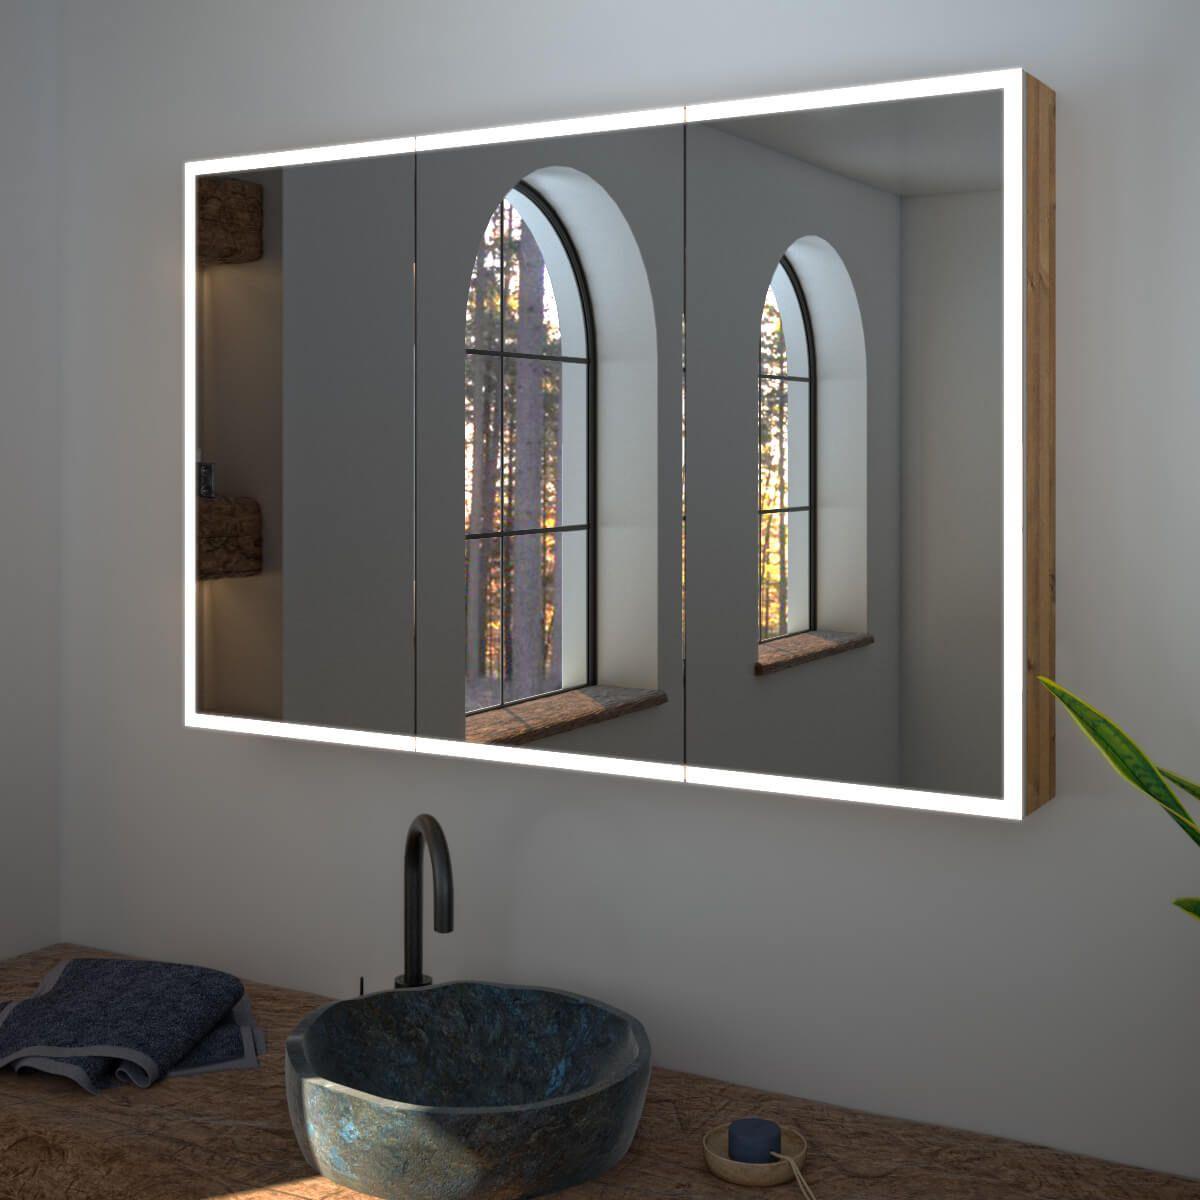 Spiegelschrank Nach Mass Credo Kompakter Sicherer Stauraum Ringsum Laufende Led Beleuchtung Spiegelschrank Spiegelschrank Beleuchtung Spiegelschrank Bad